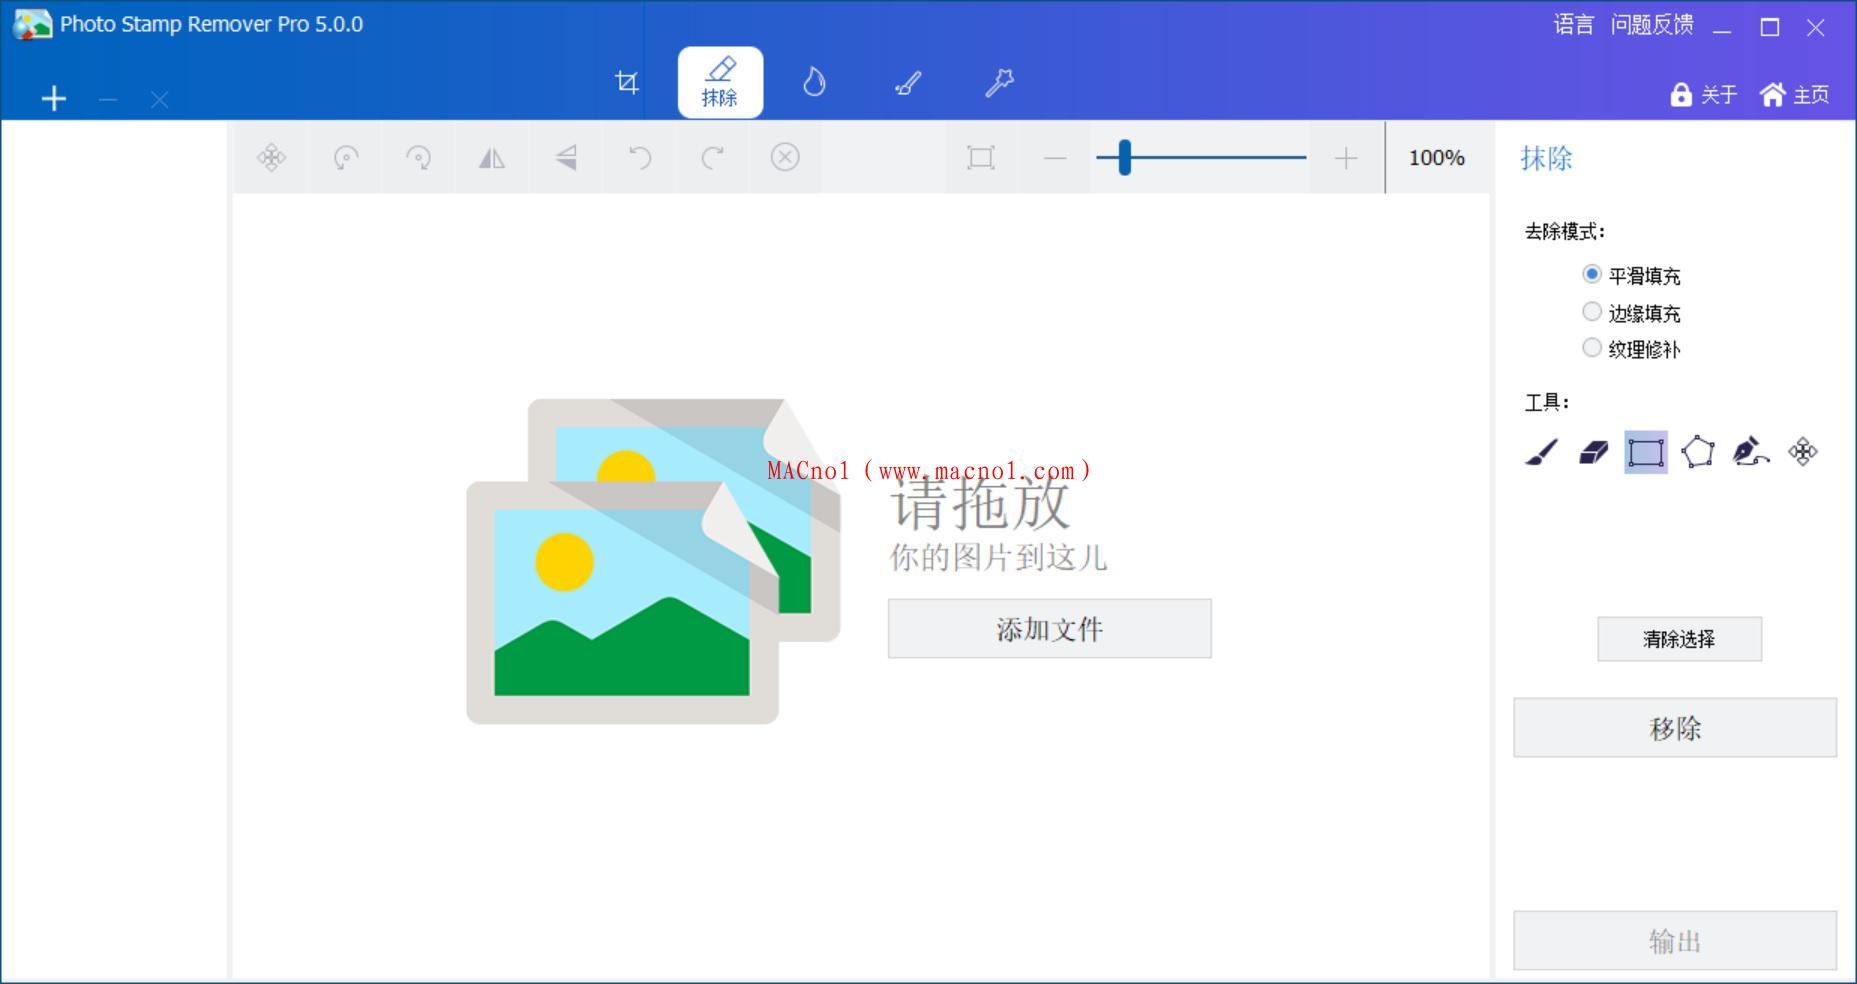 图片去水印软件 GiliSoft Photo Stamp Remover v5.0.0 中文免费版